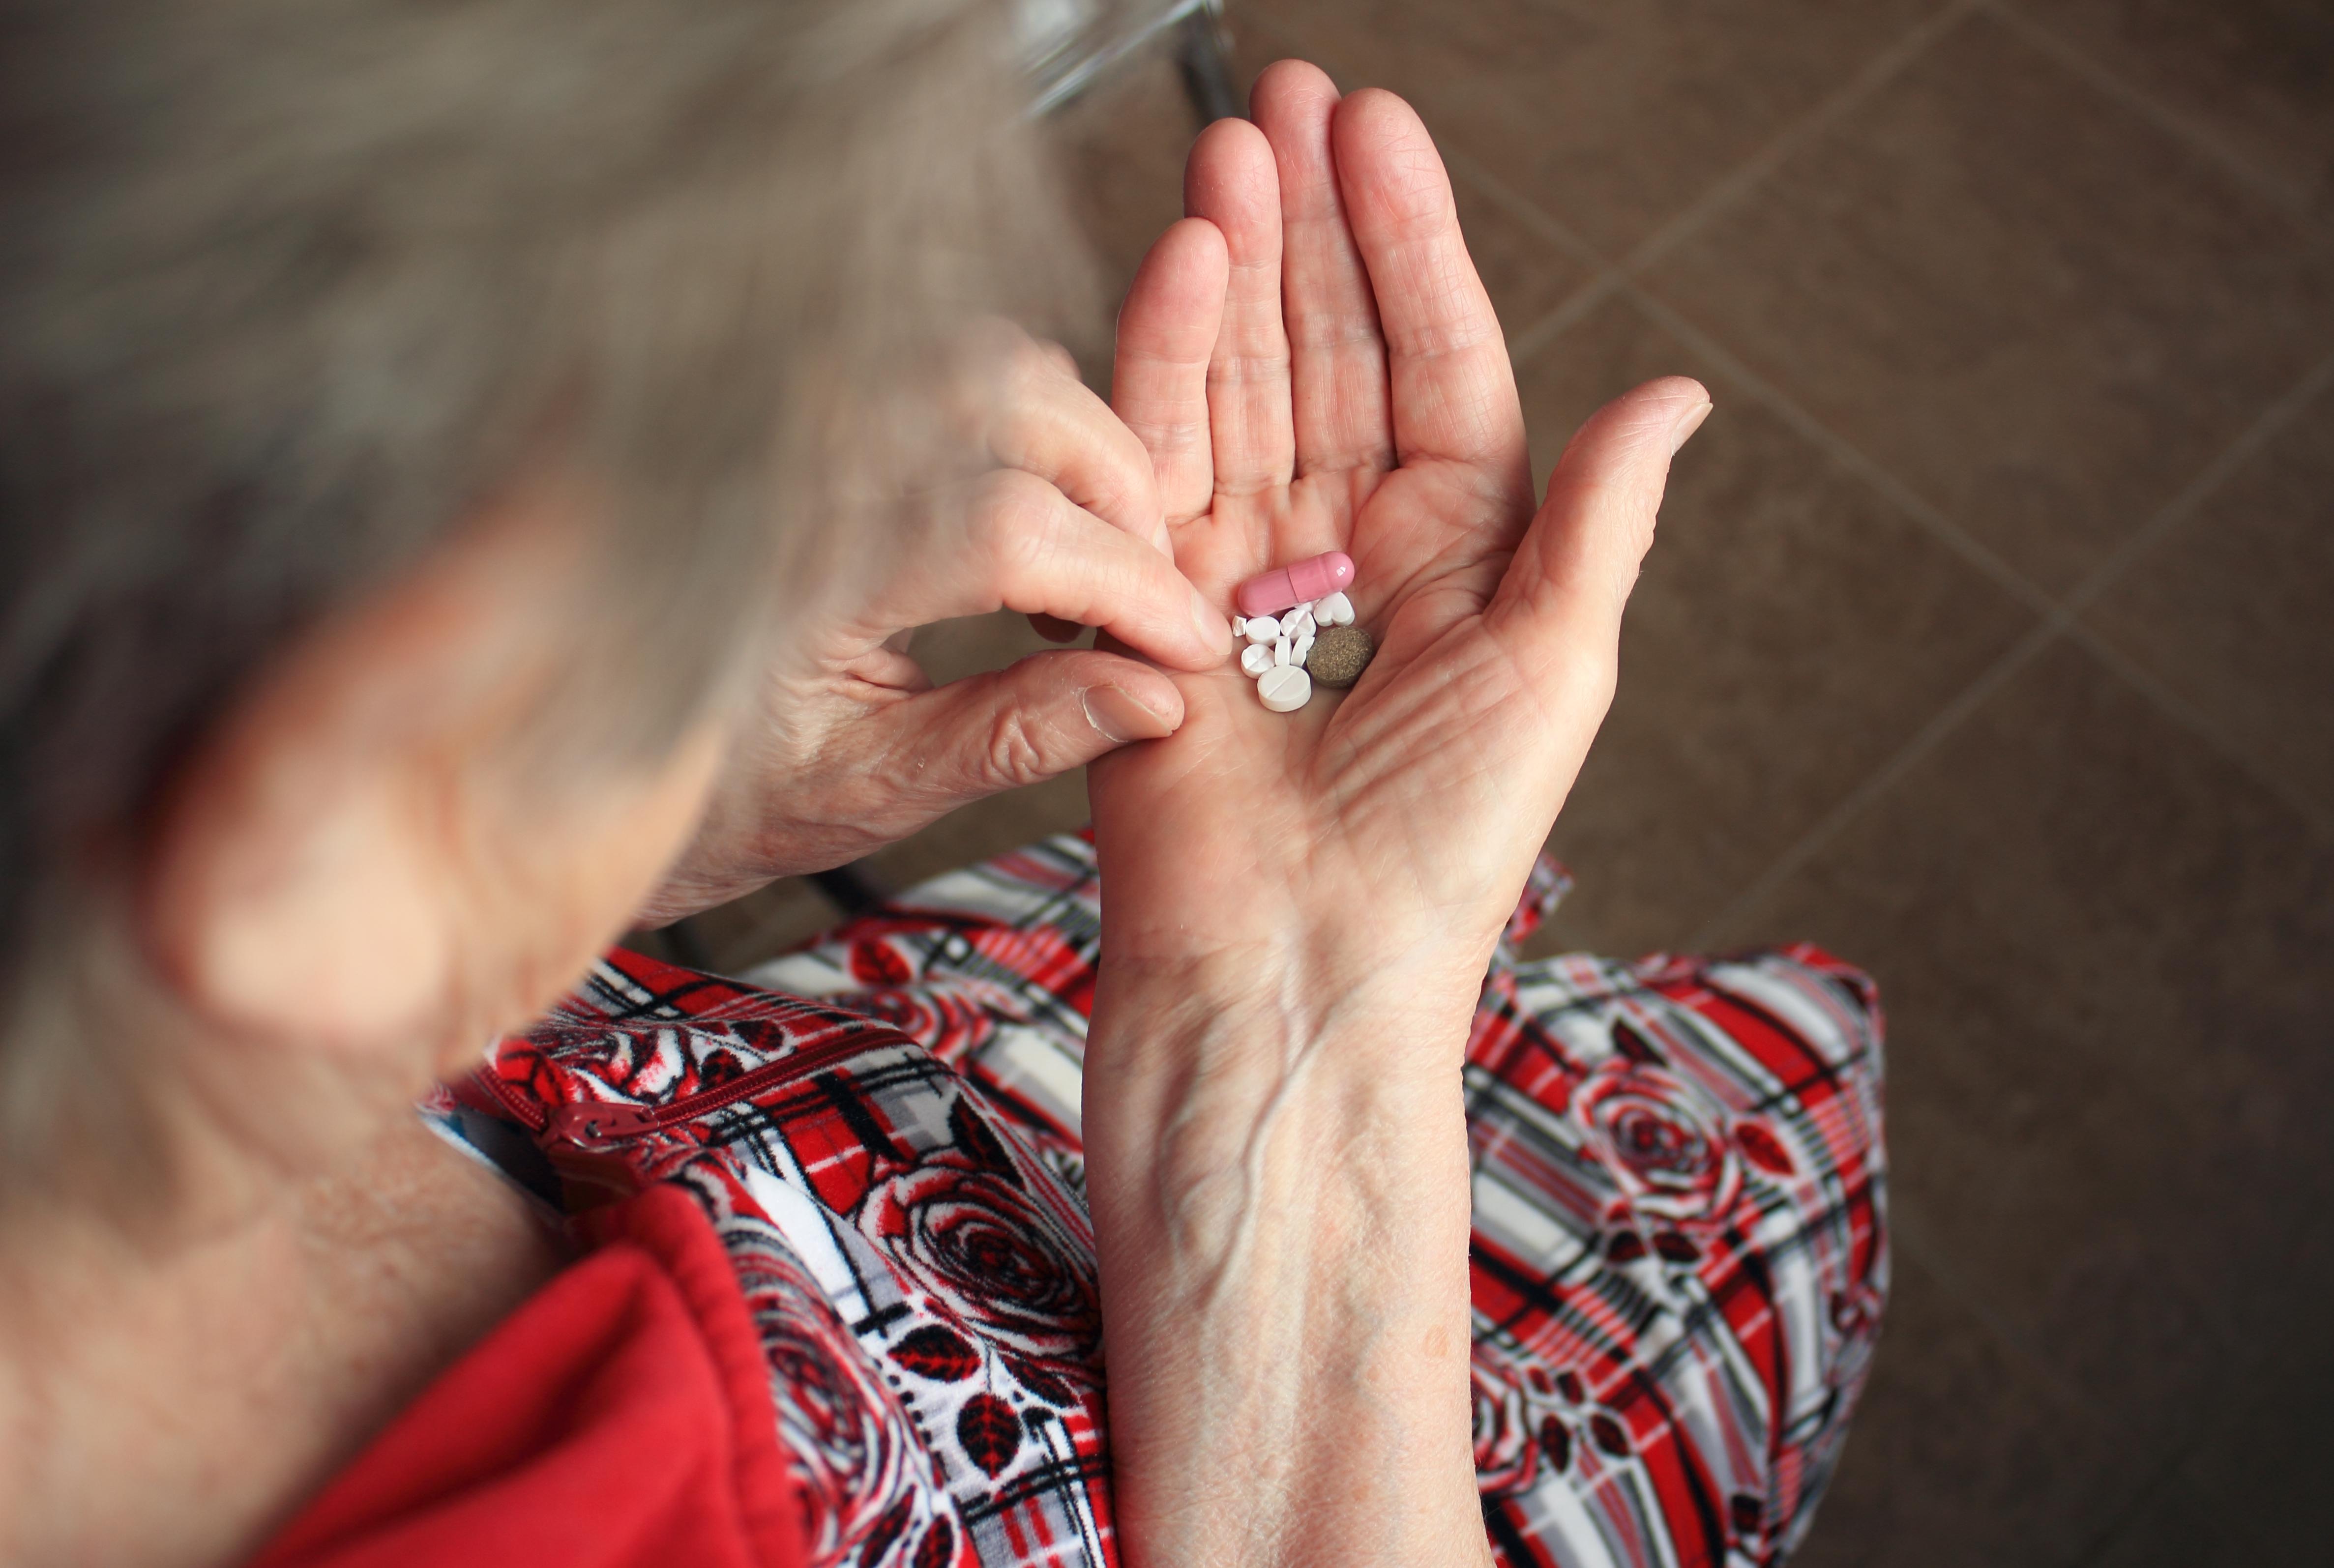 Du bör se över din läkemedelsbehandling så att den inte fortsätter av slentrian.